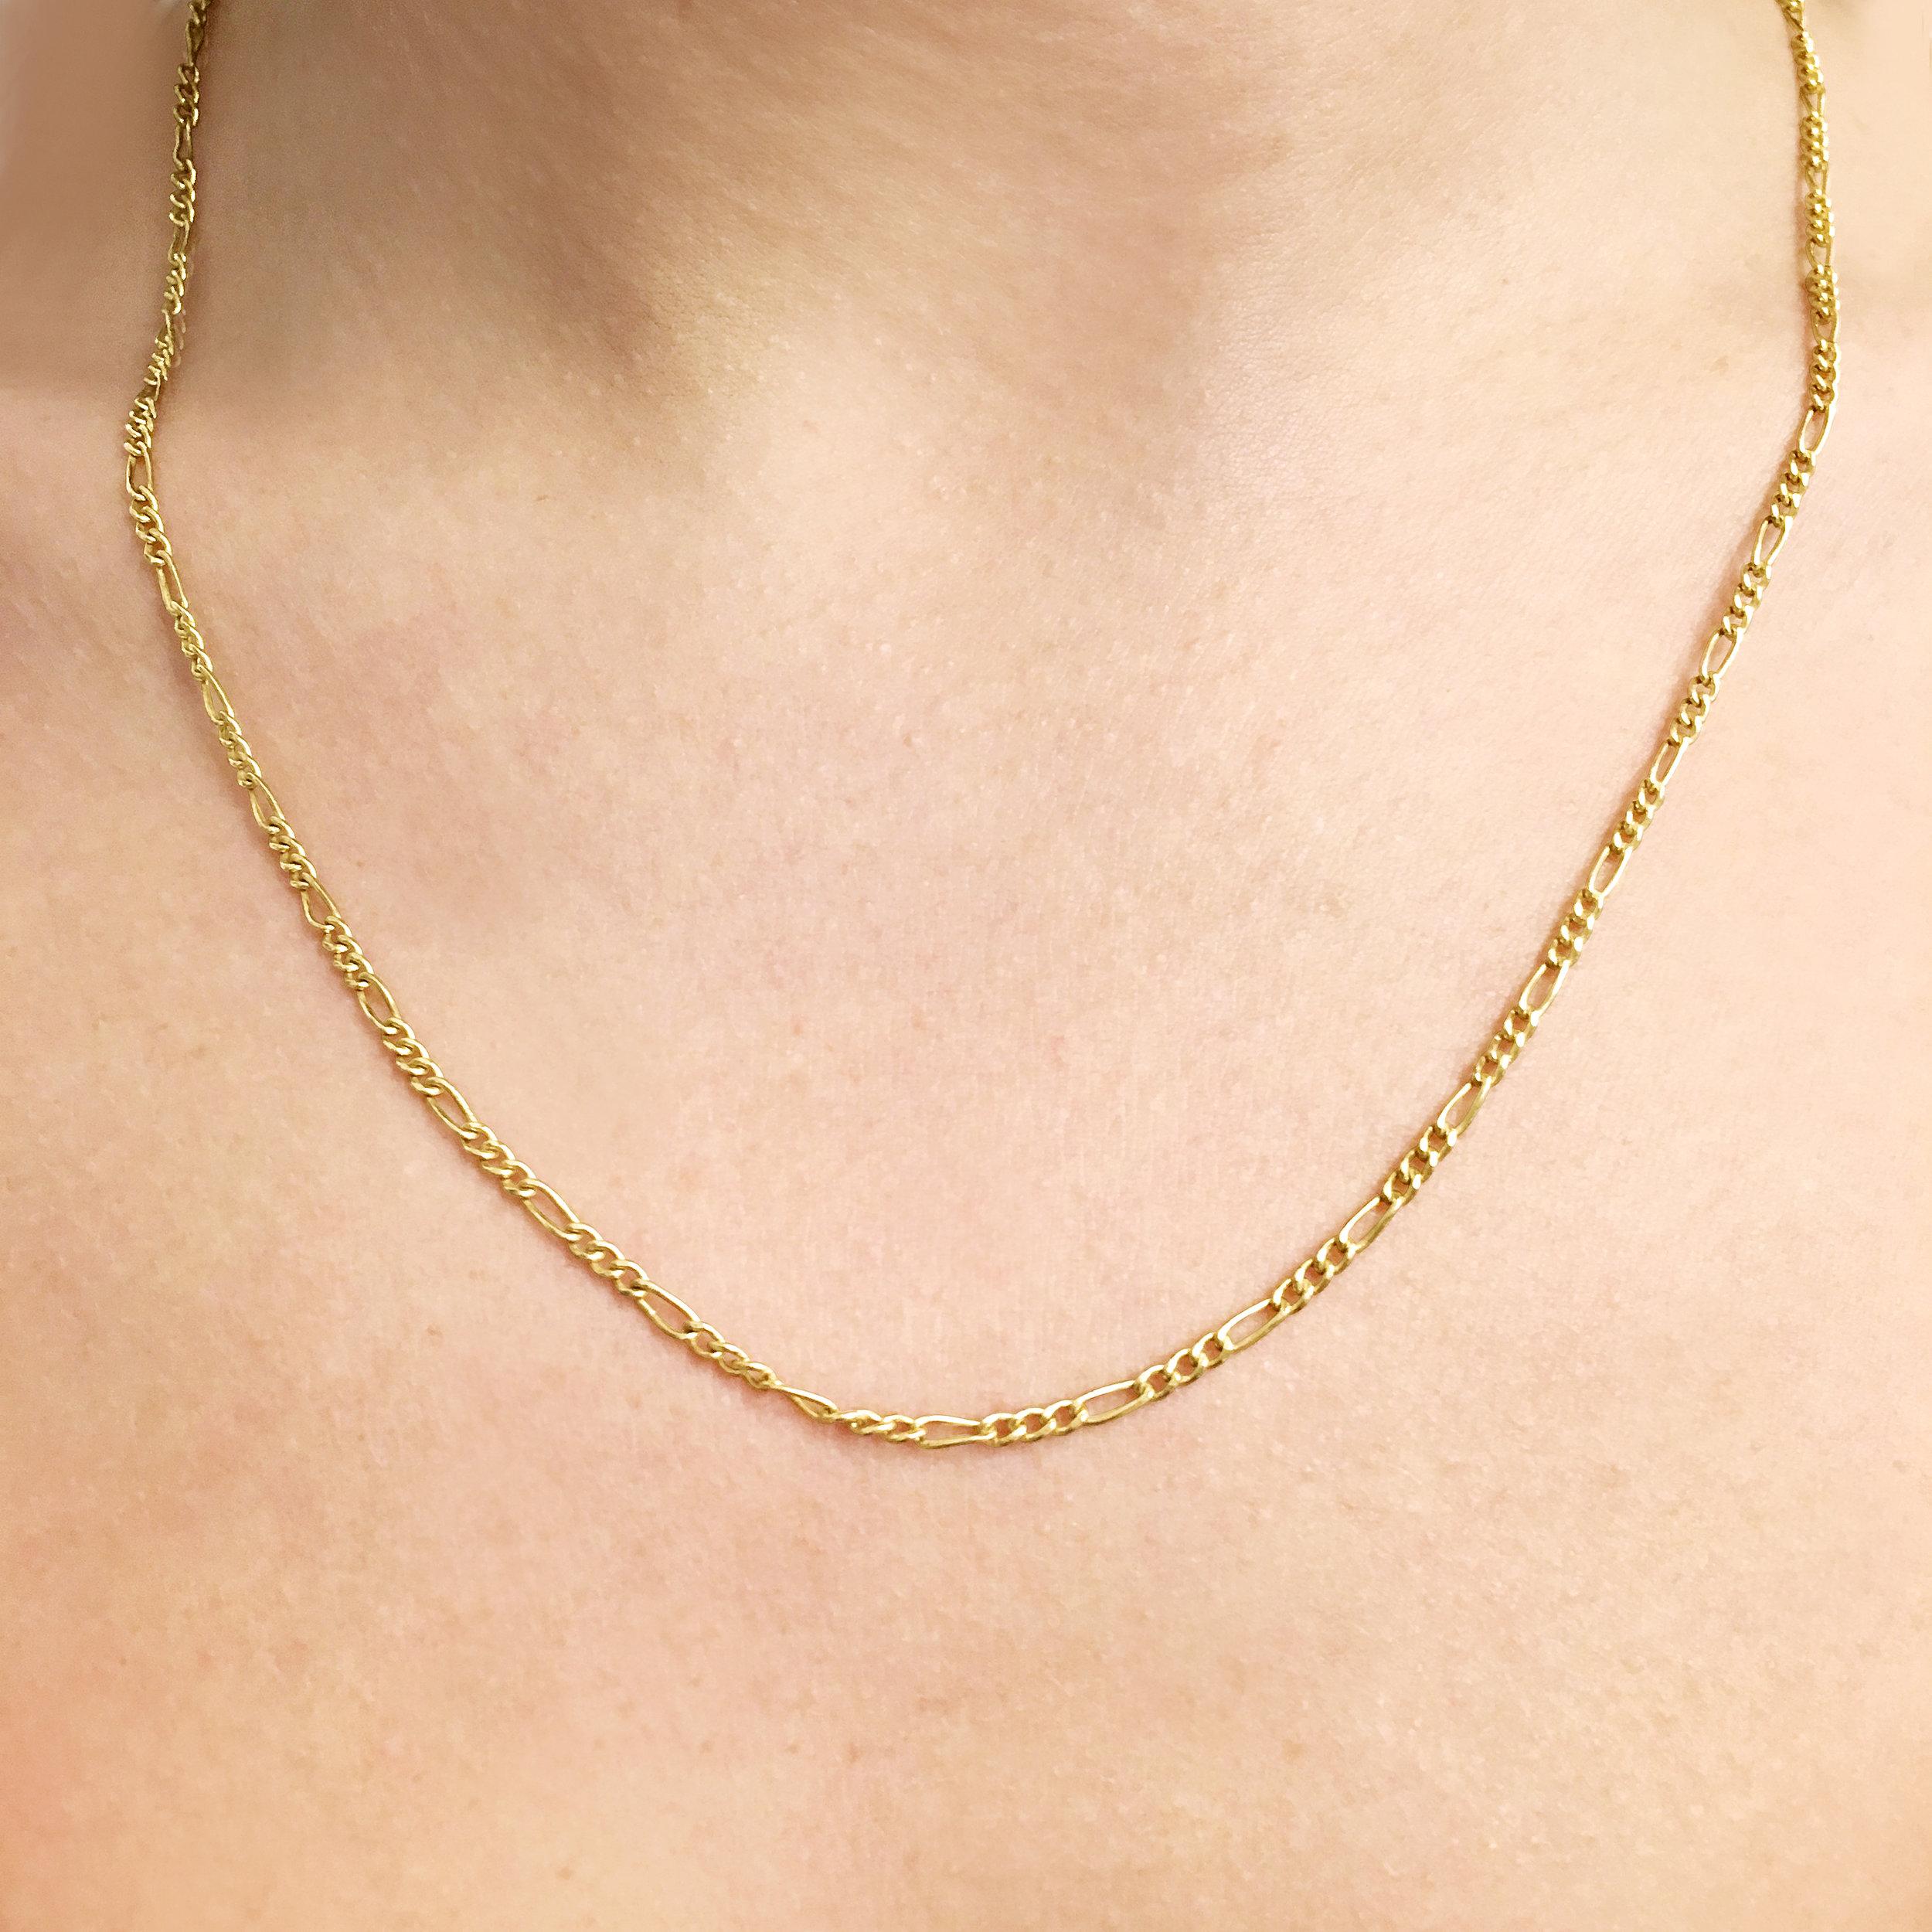 20-inch-9ct-yellow-gold-figaro-chain-0.jpg